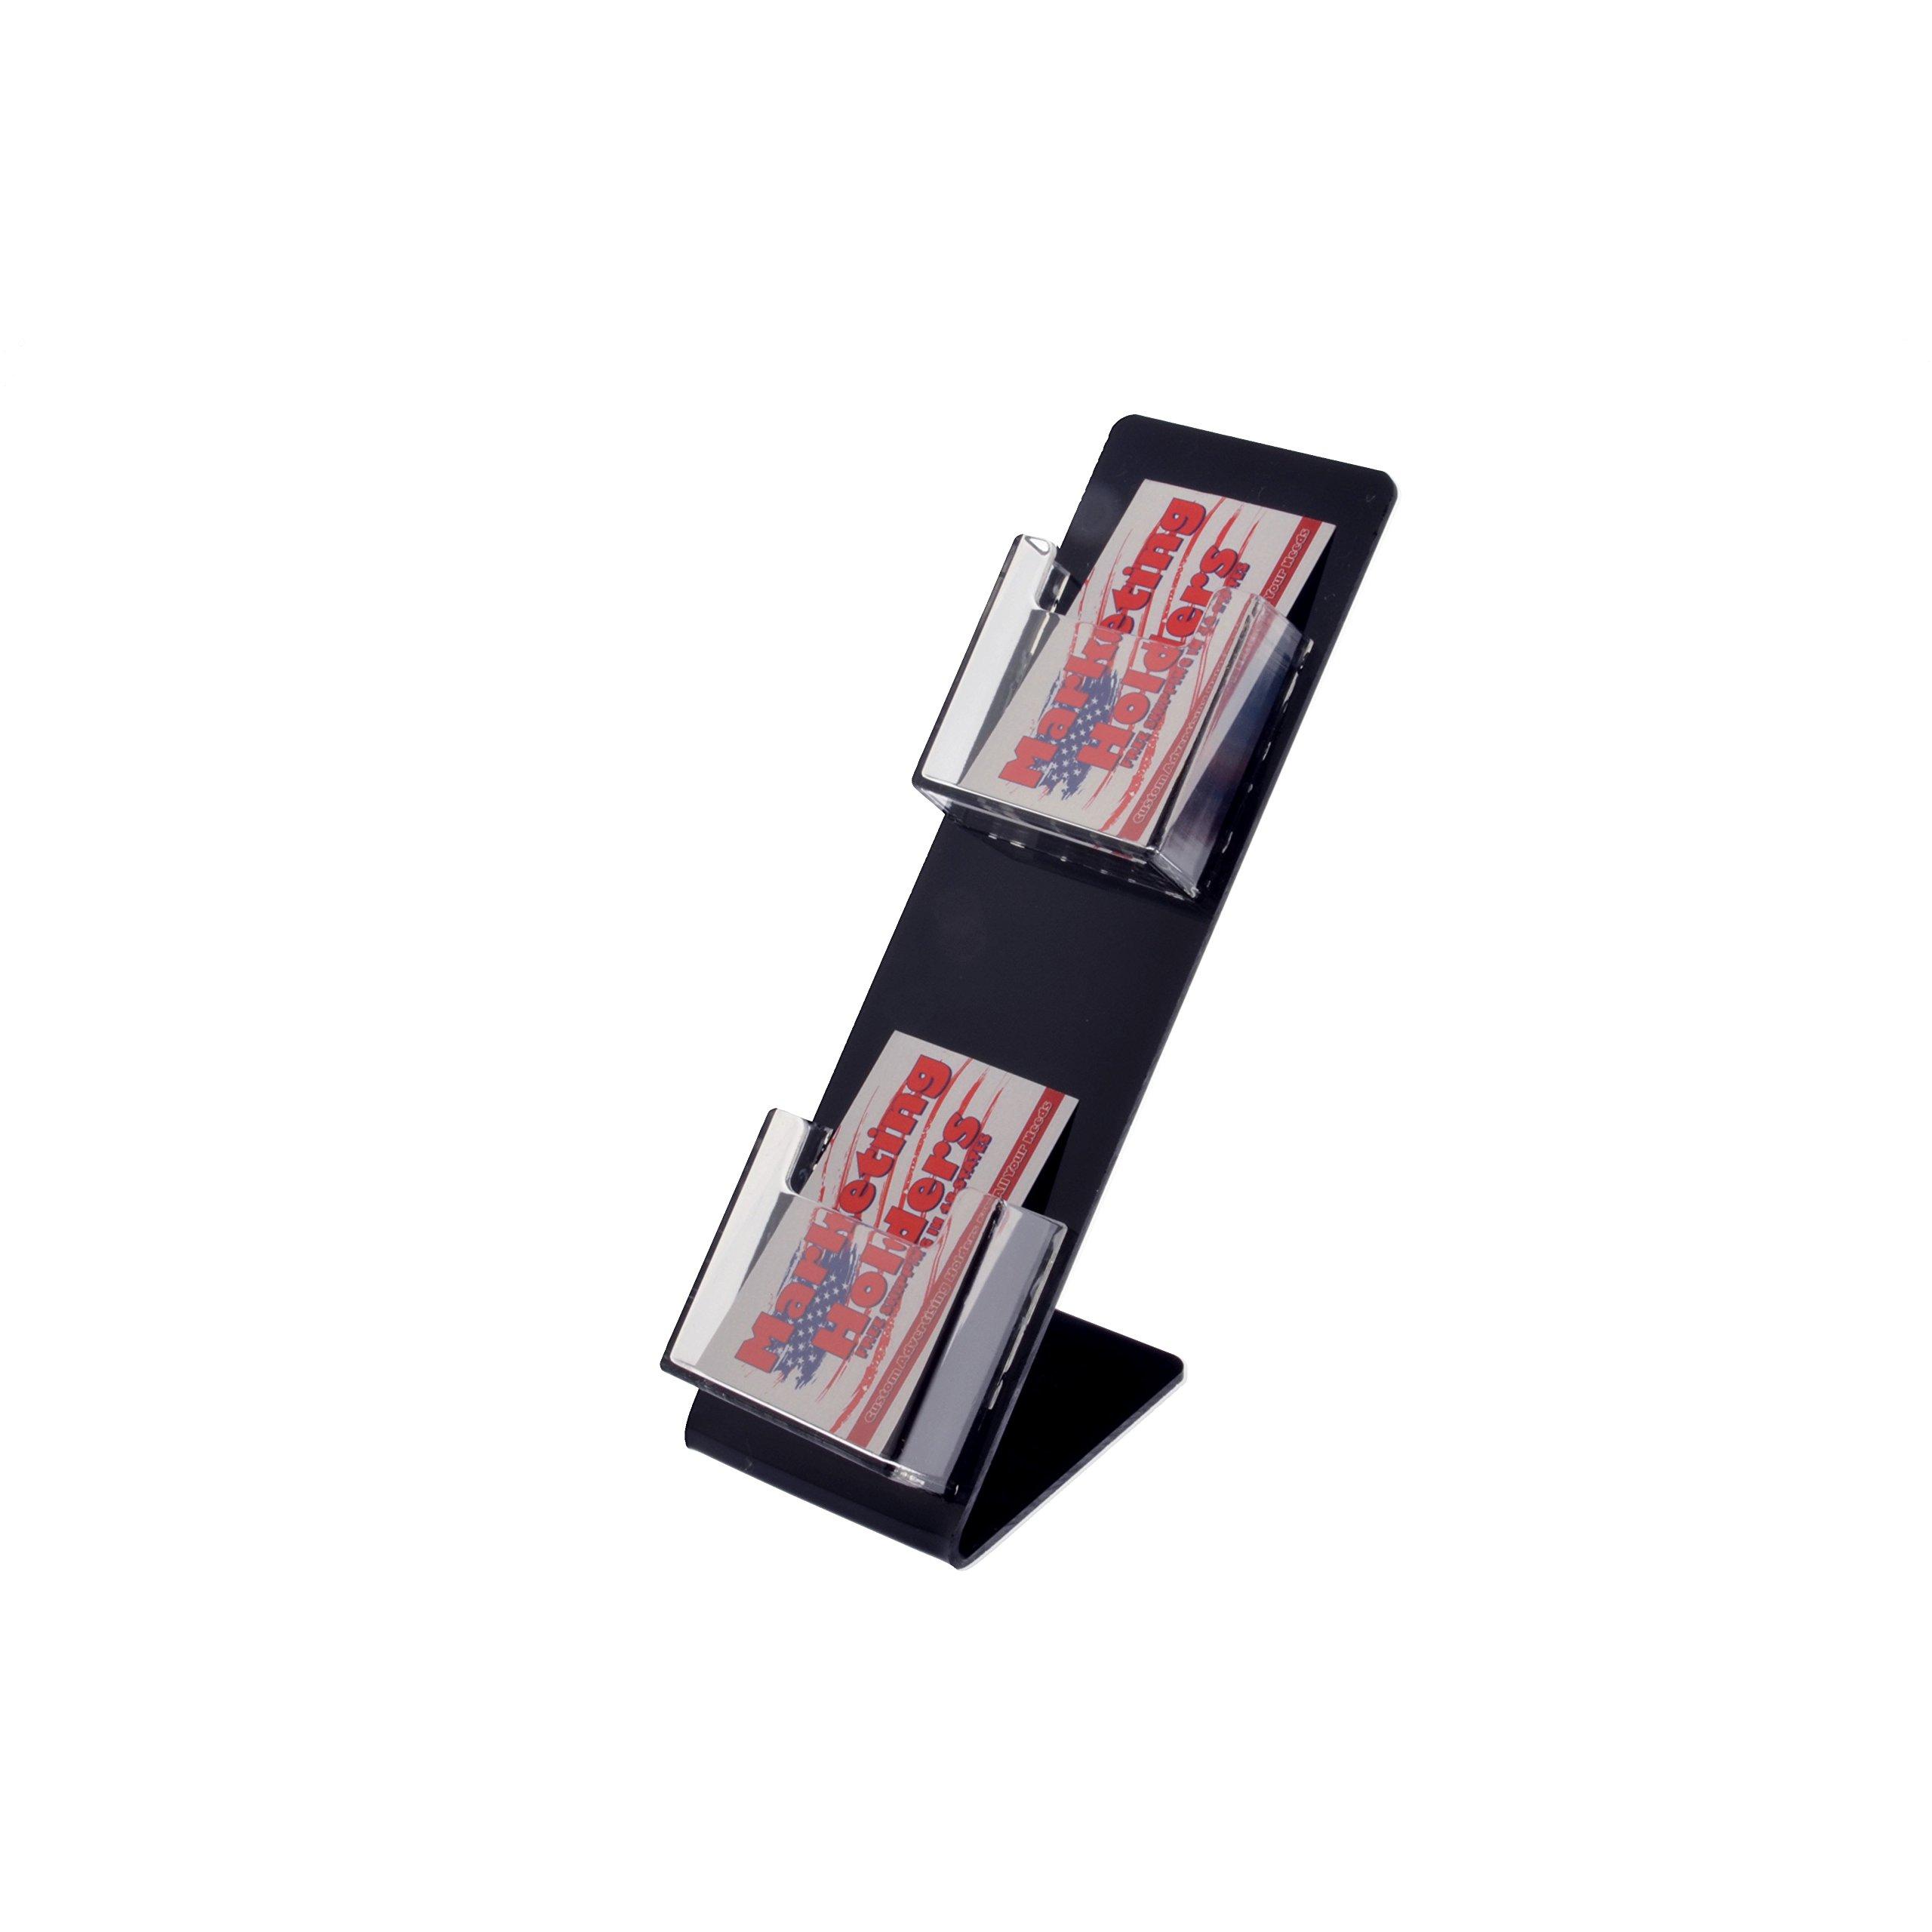 Marketing Holders 2 Vertical Pocket Business Card Holder 5''W X 10''H Slant Back Display (pack of 24)